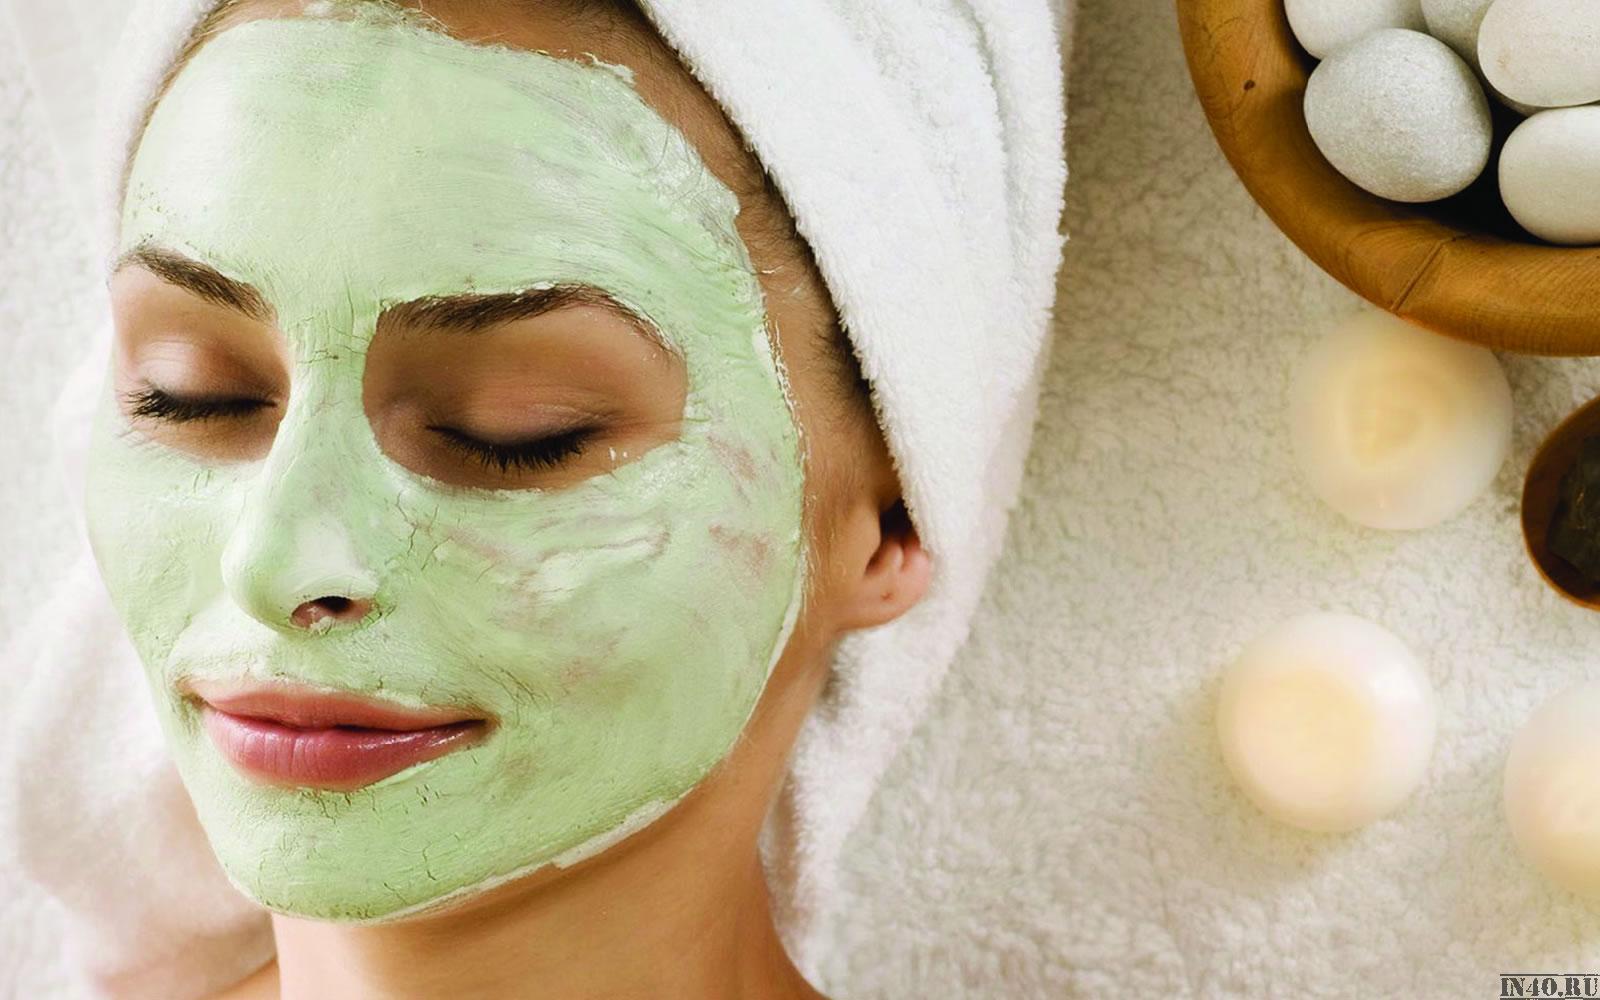 Маска которая подтягивает и тонизирует кожу лица